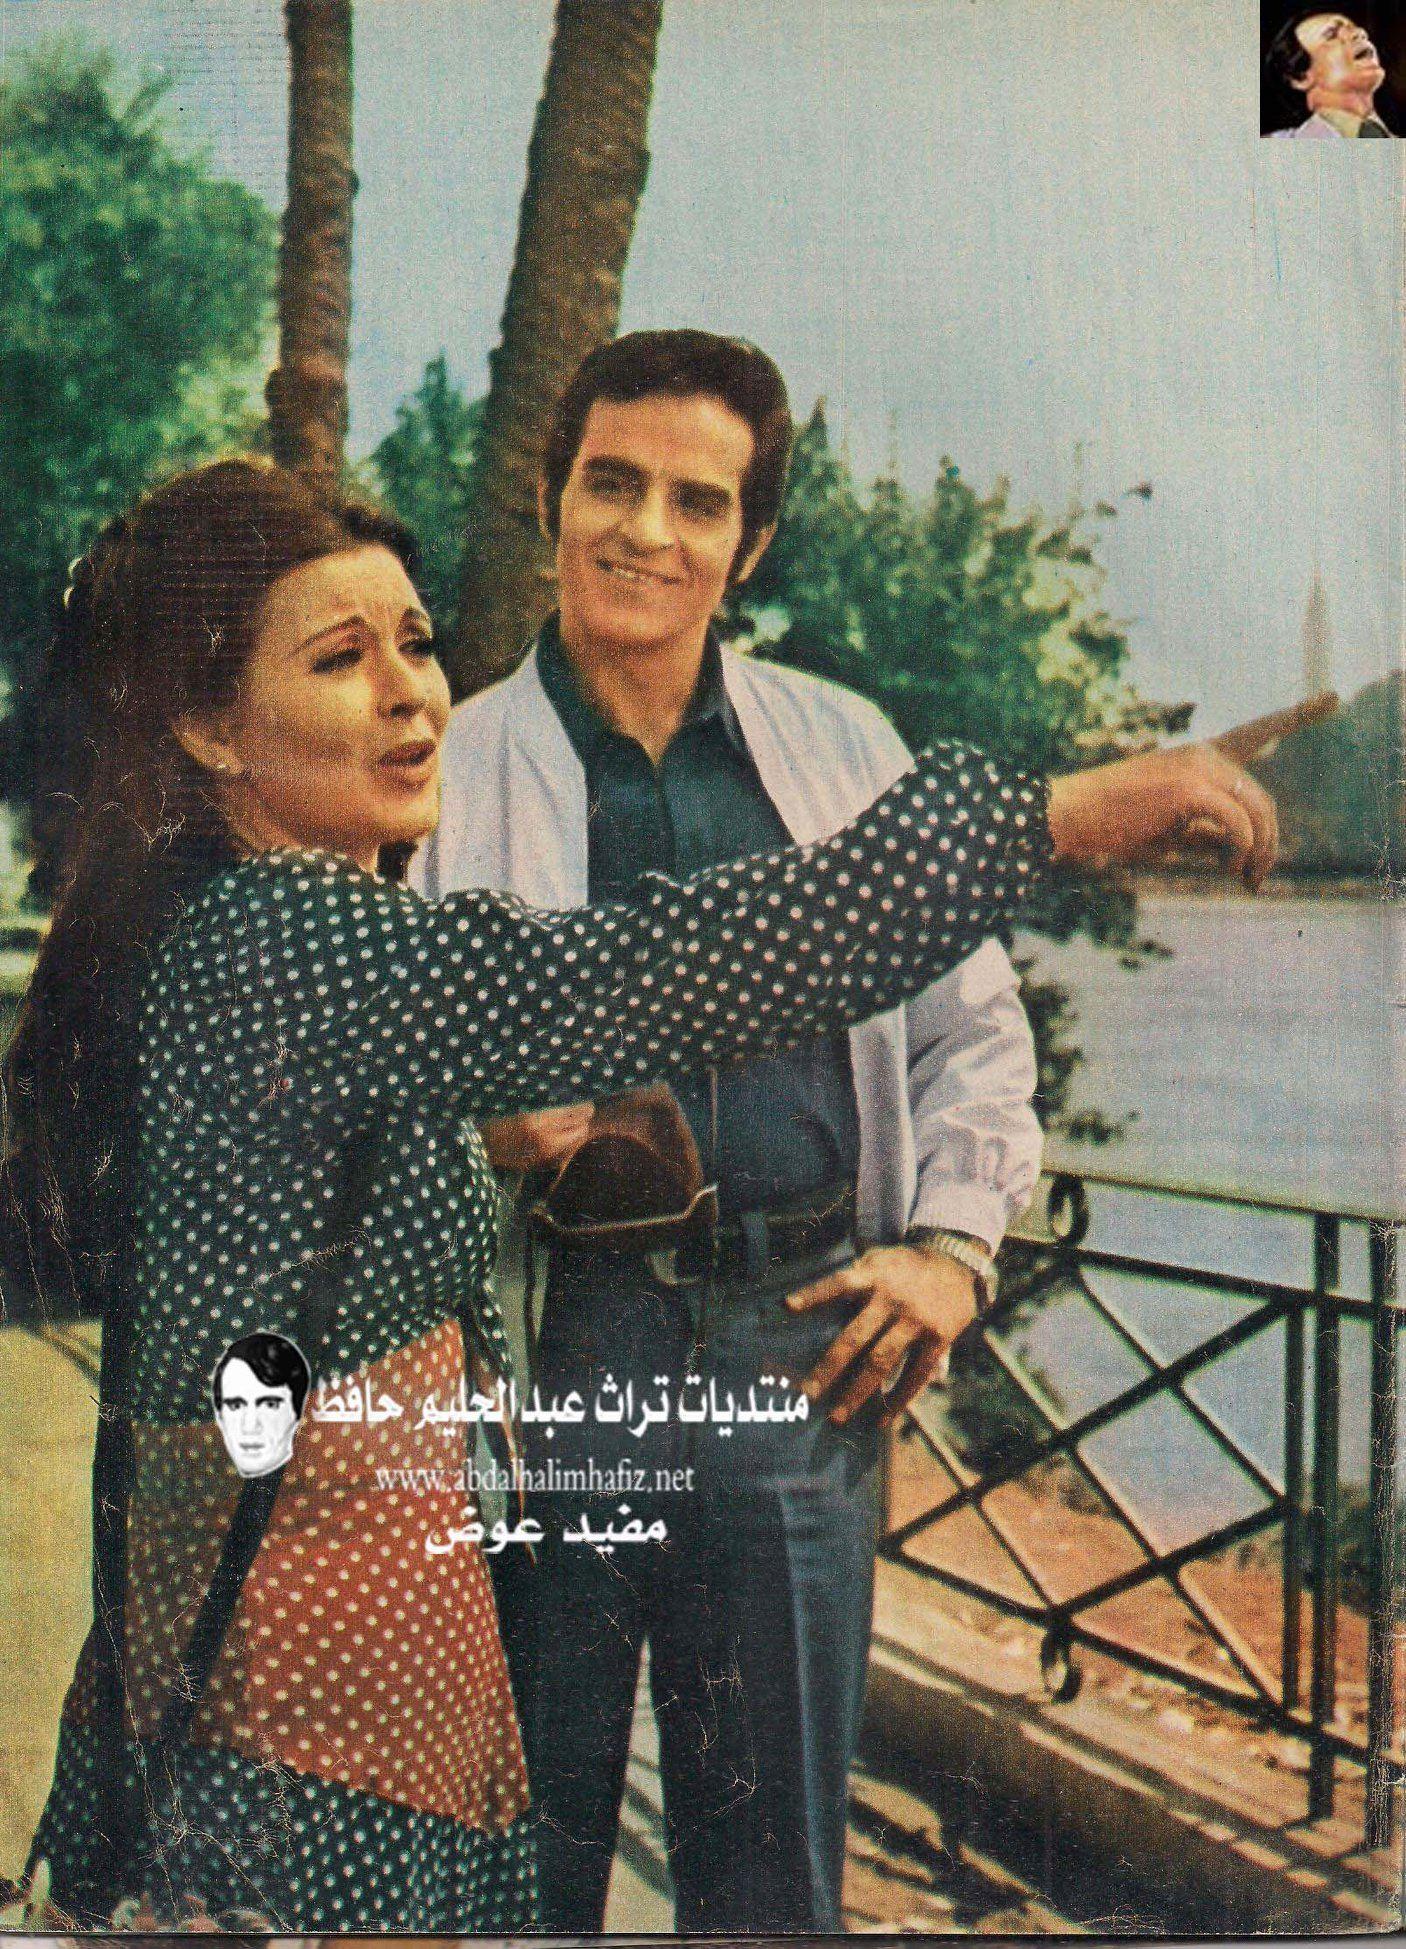 مقال - مقال صحفي : سعاد حسني ووجه جديد في حادثة القناطر 1975 م 259